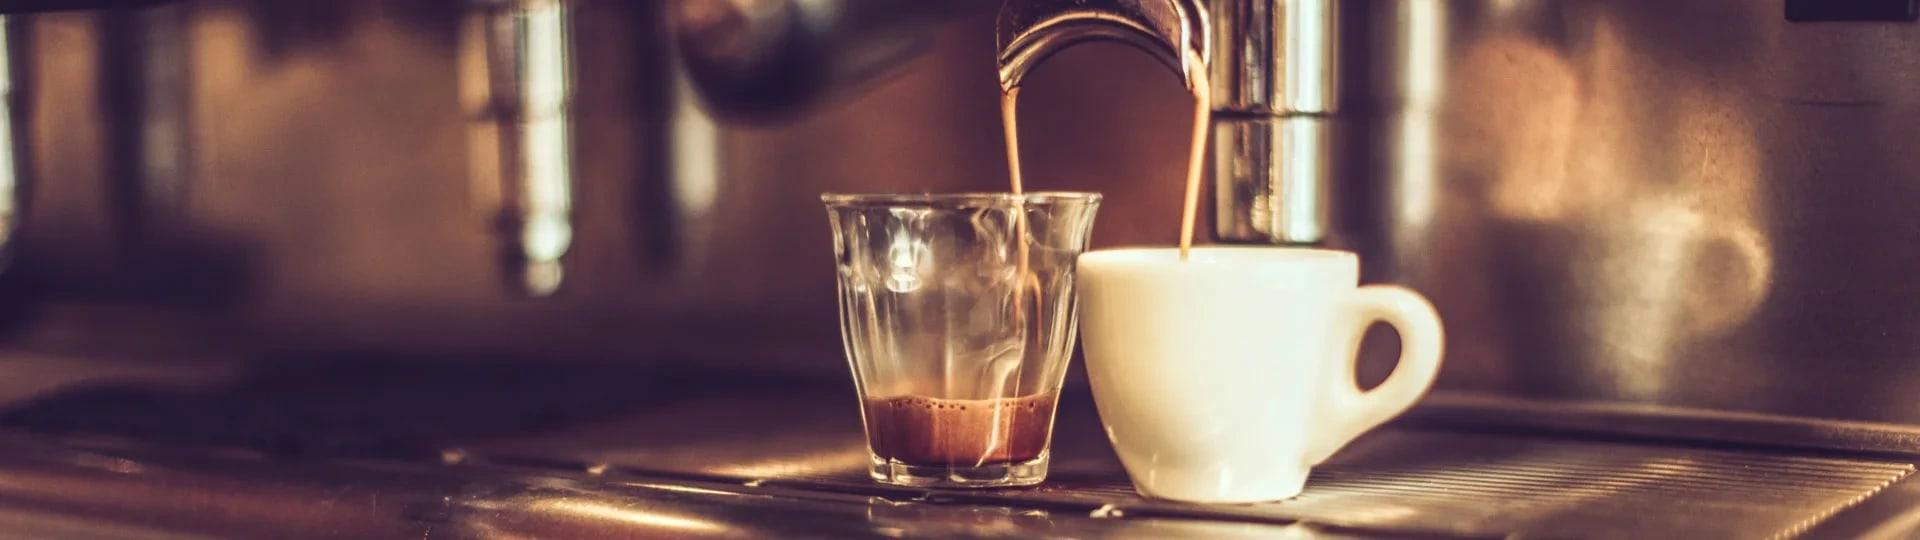 dricka kaffe efter maten